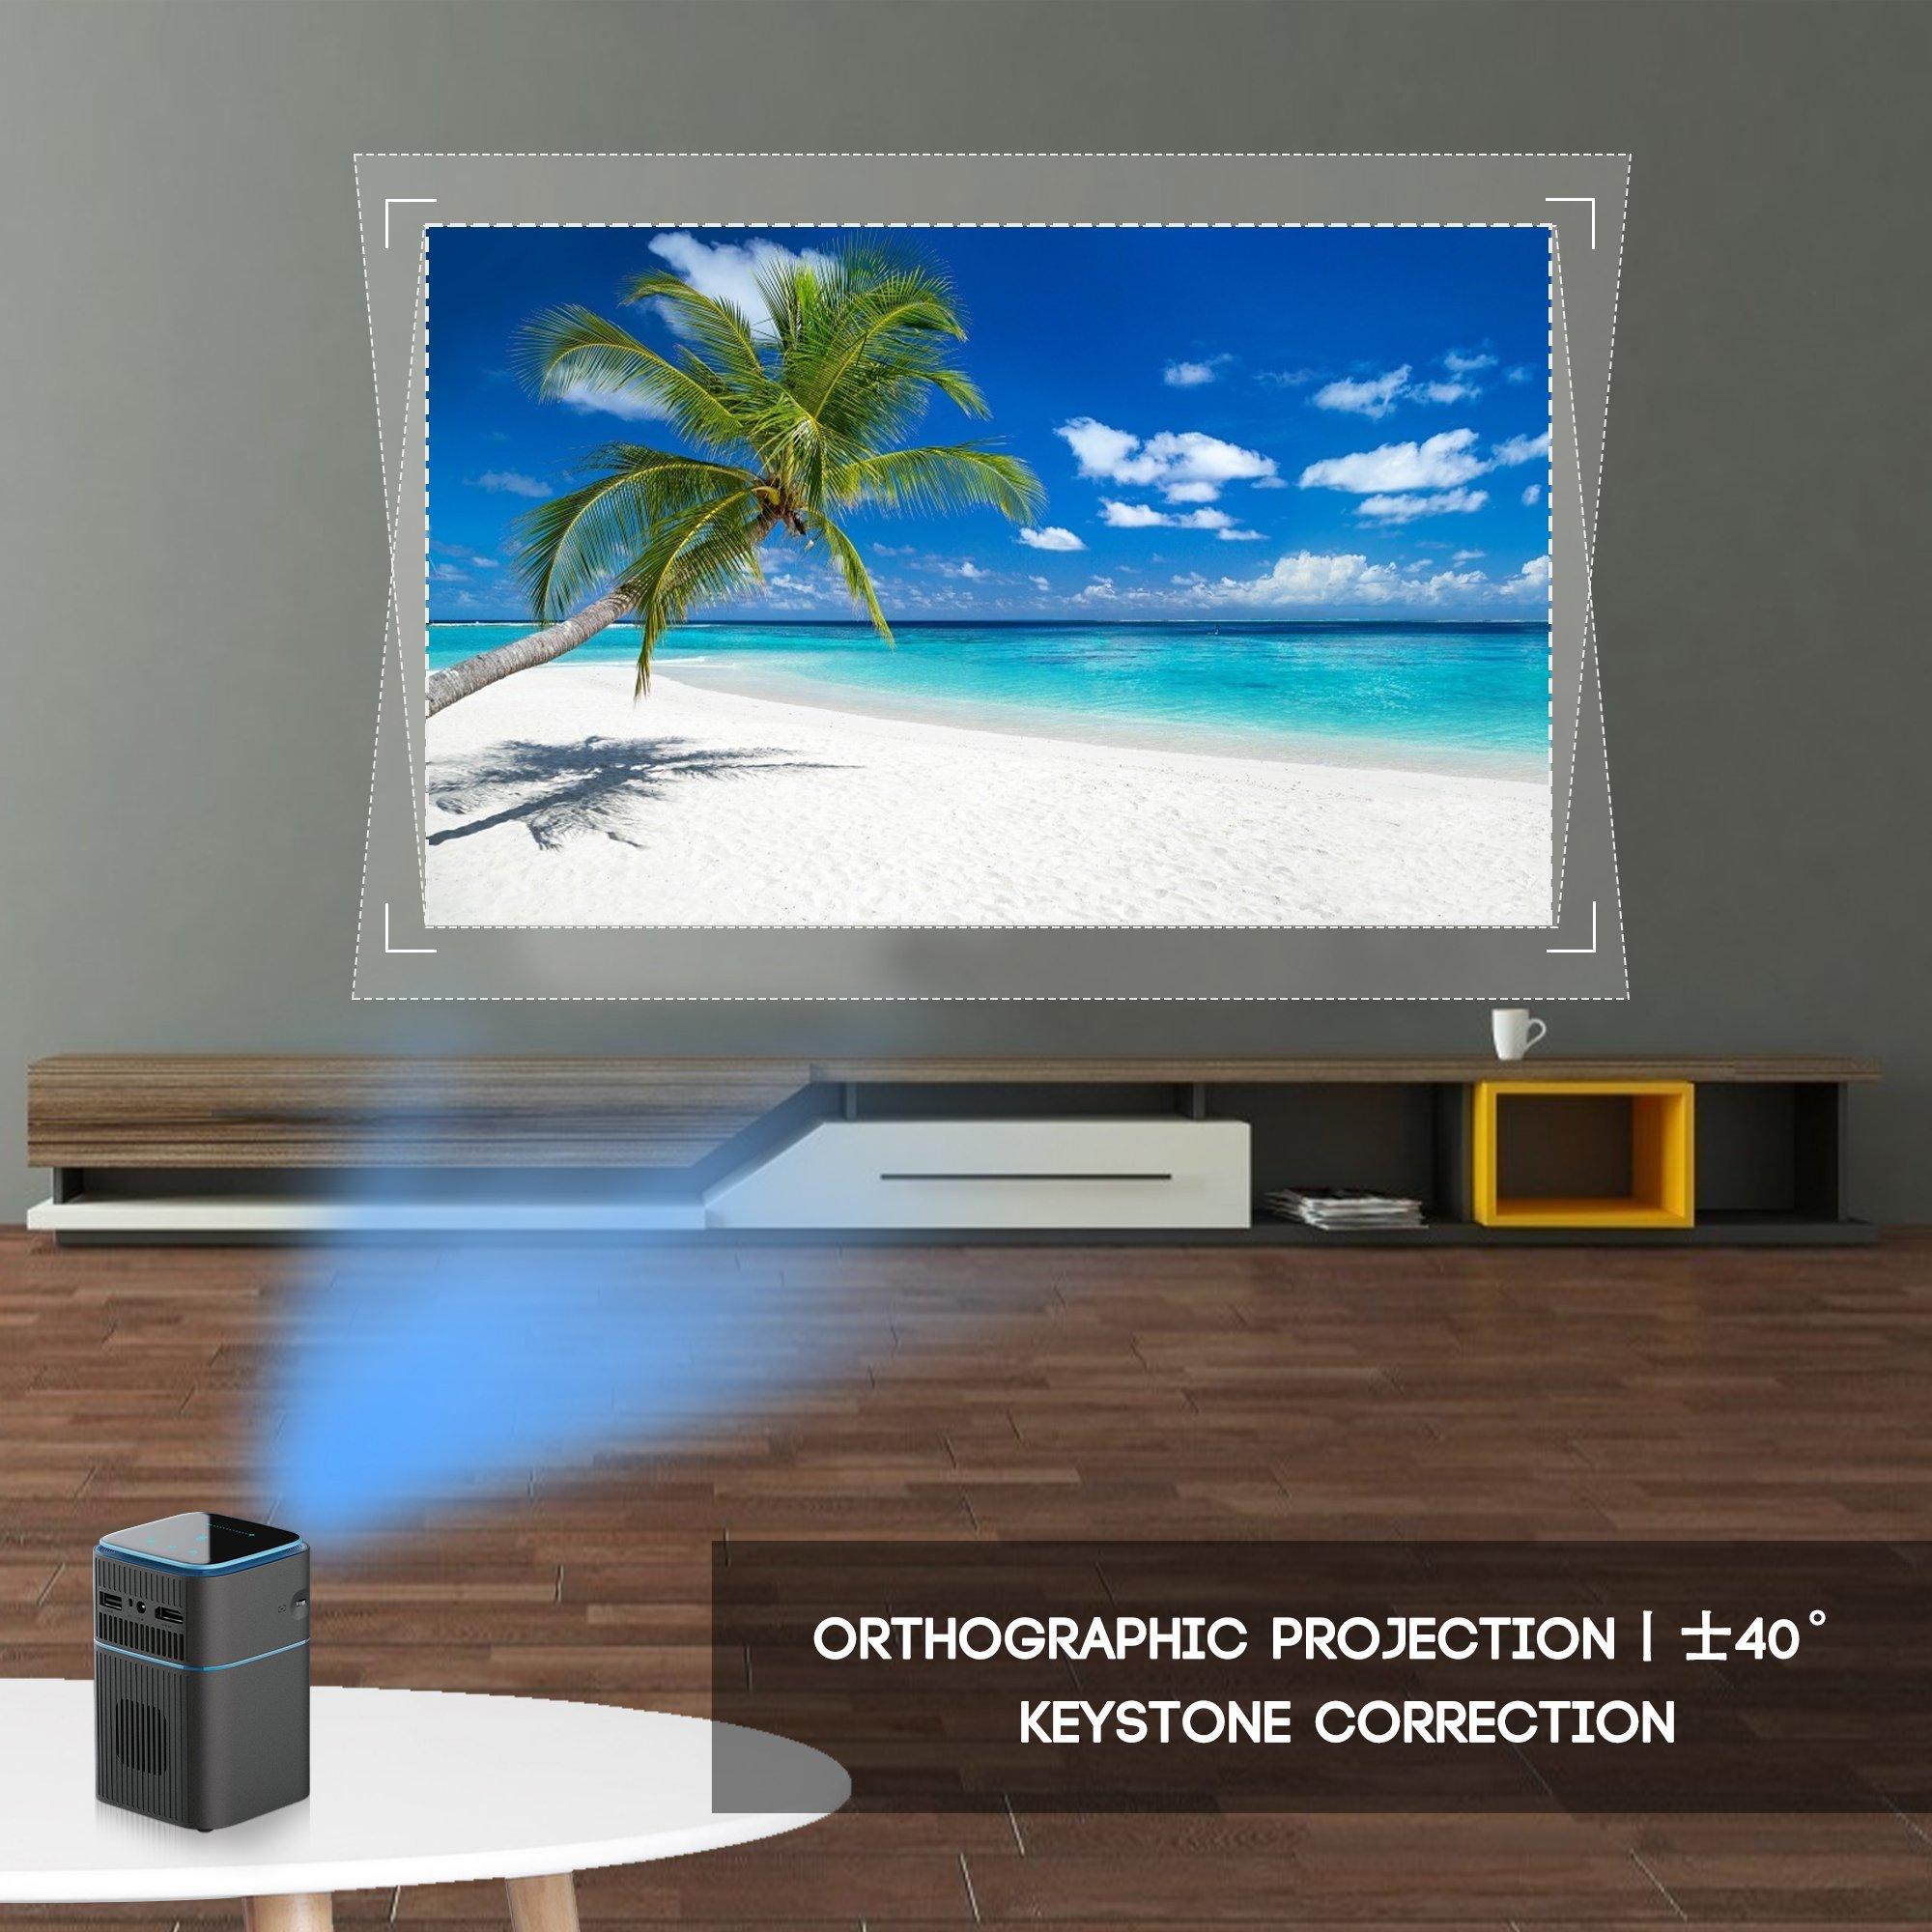 Pico Projector-XB